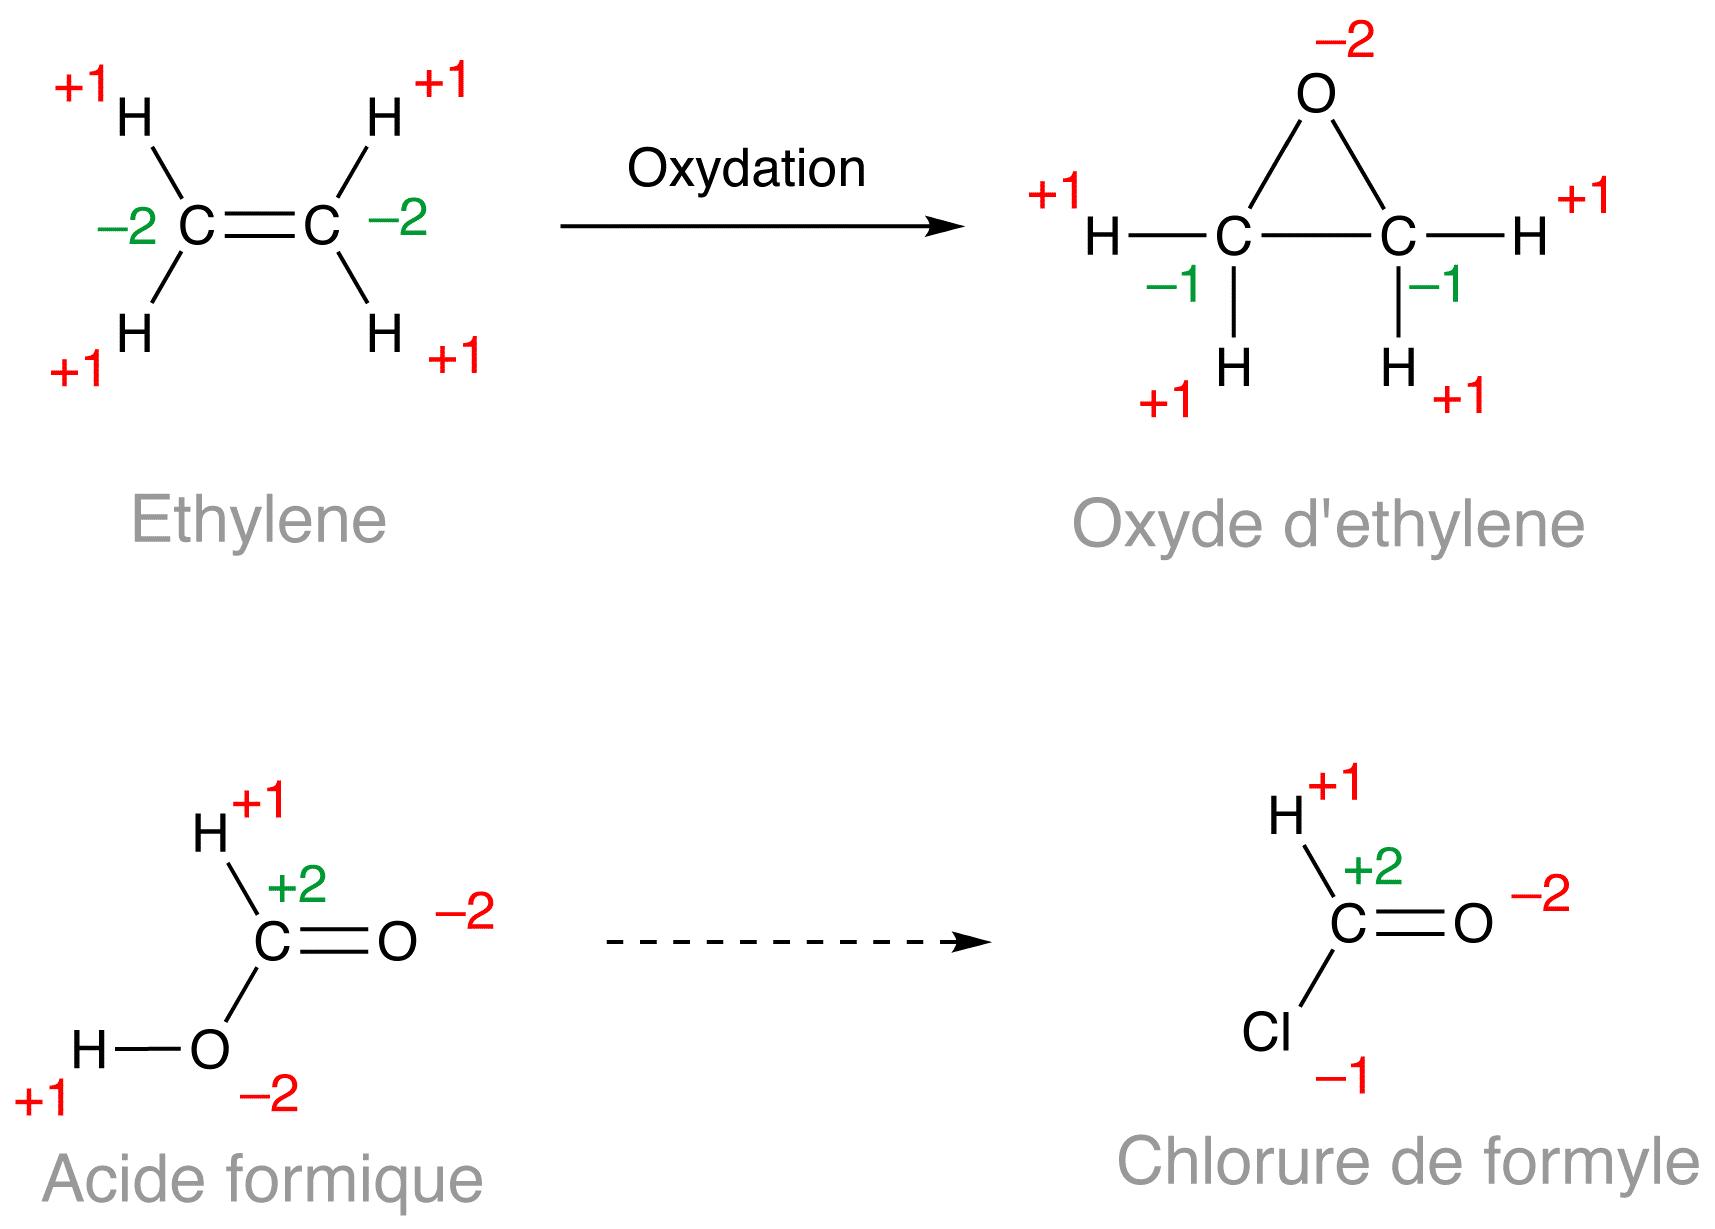 Oxydation et r duction en chimie organique - Oxyde de carbone ...